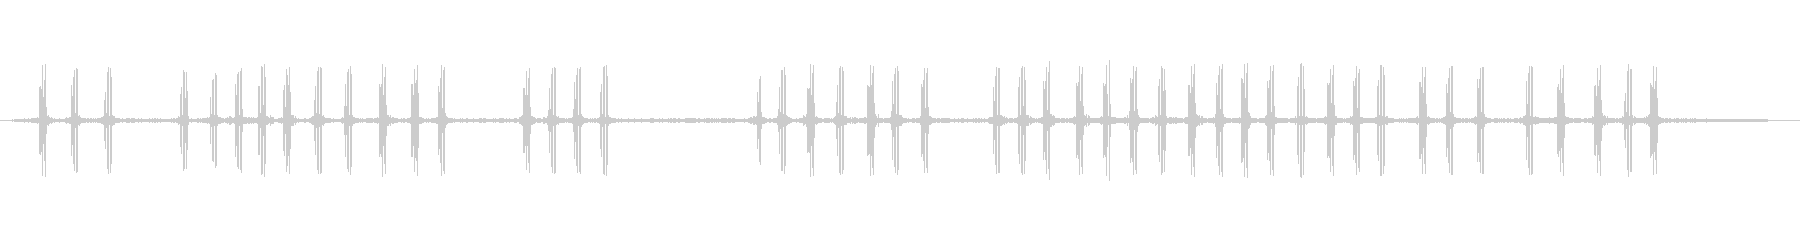 クリケット2の未再生の波形